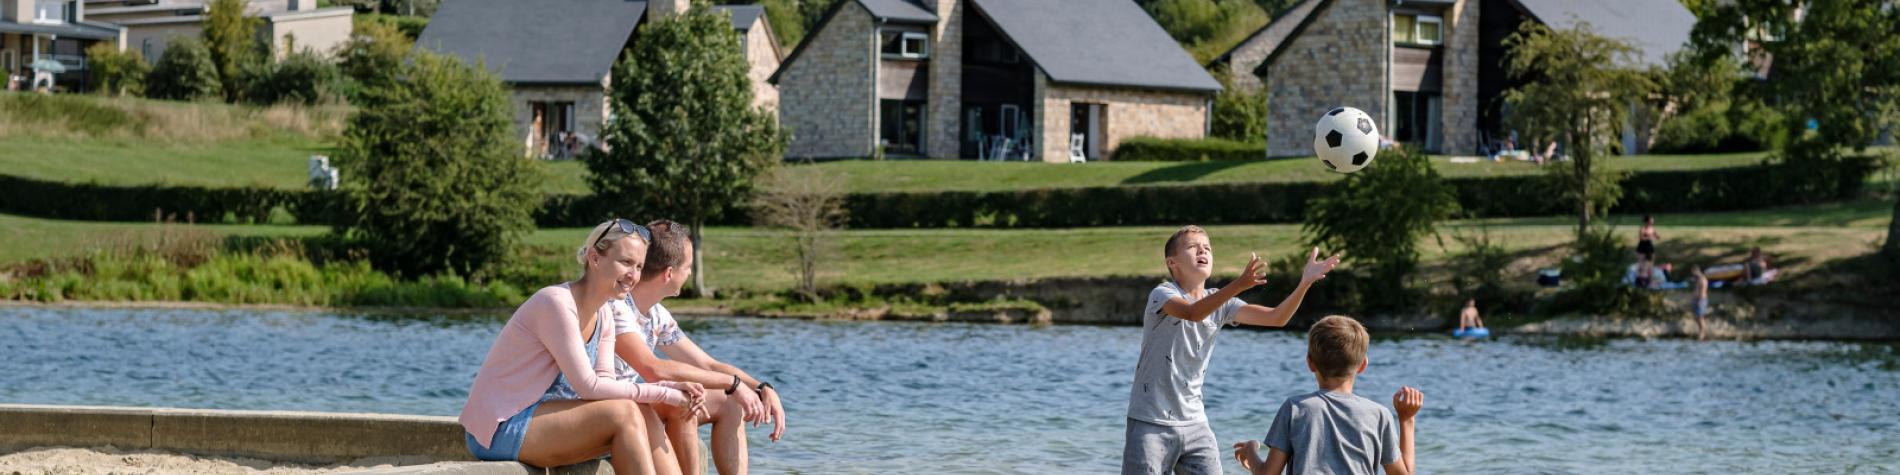 Famille se baignant dans le lac avec en arrière plan le village de vacances